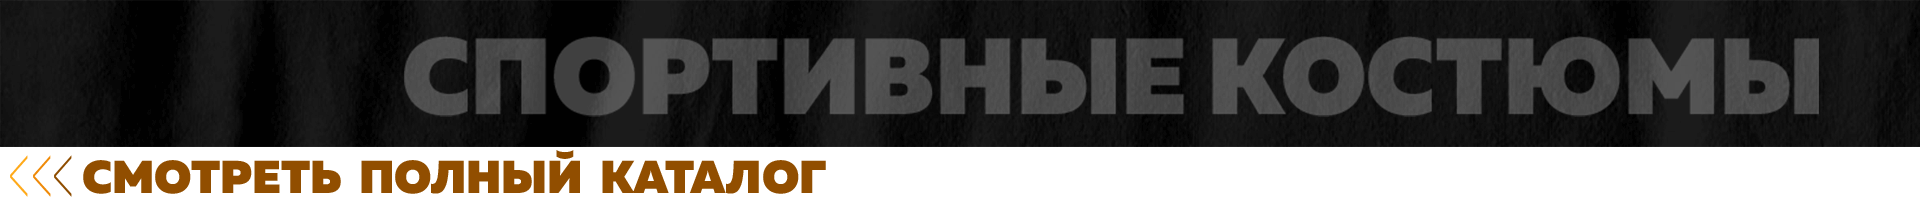 Перейти из подборки черно белых мужских спортивных костюмов в полный каталог.